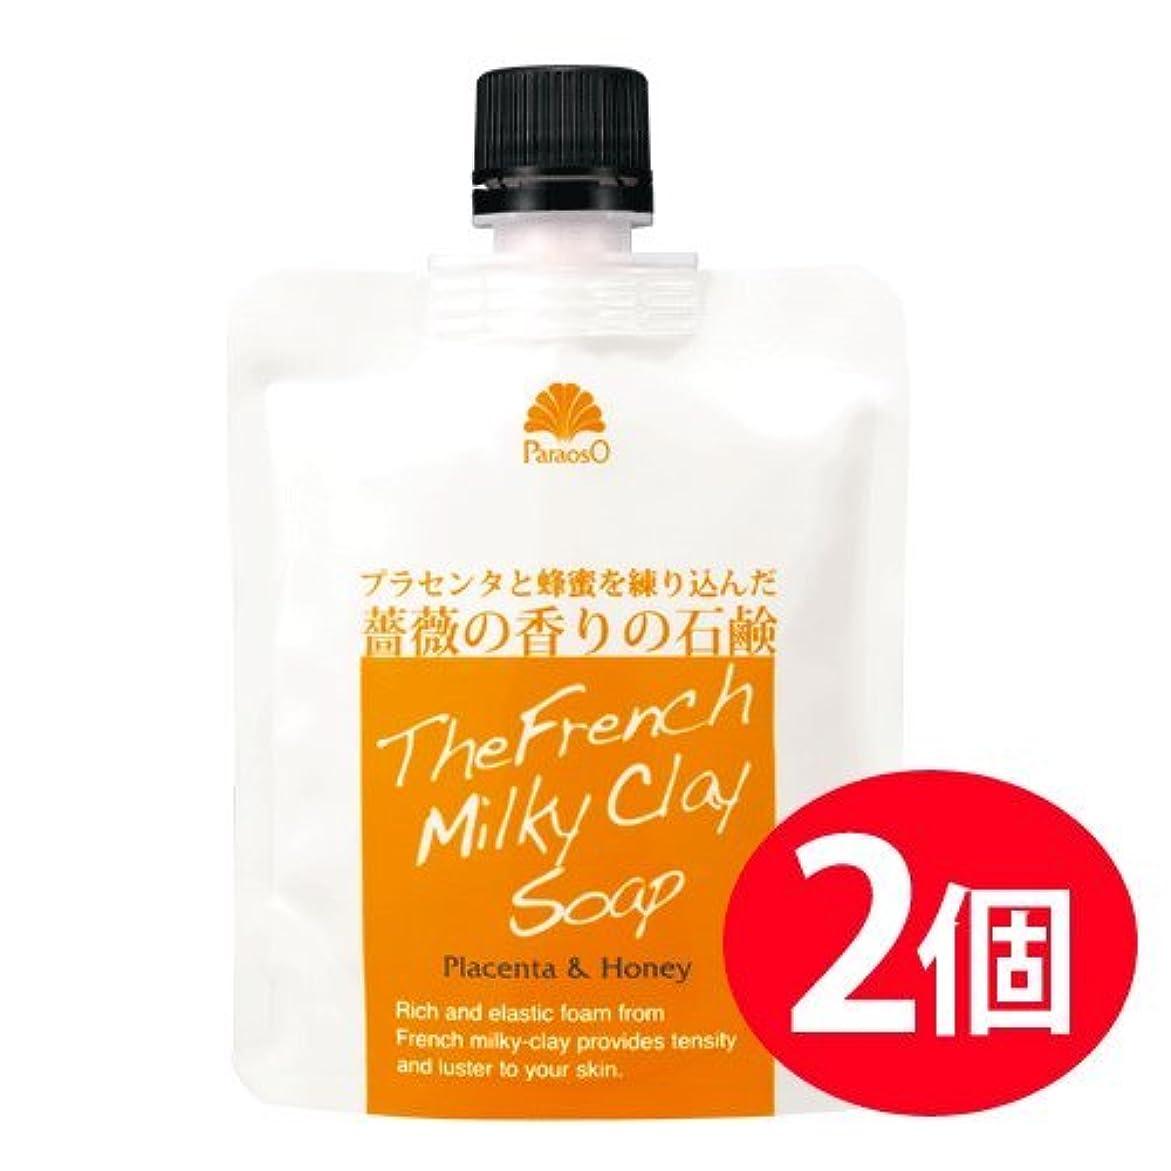 有名人バッフル経験プラセンタと蜂蜜を練り込んだ薔薇の香りの生石鹸 パラオソフレンチクレイソープ 2個